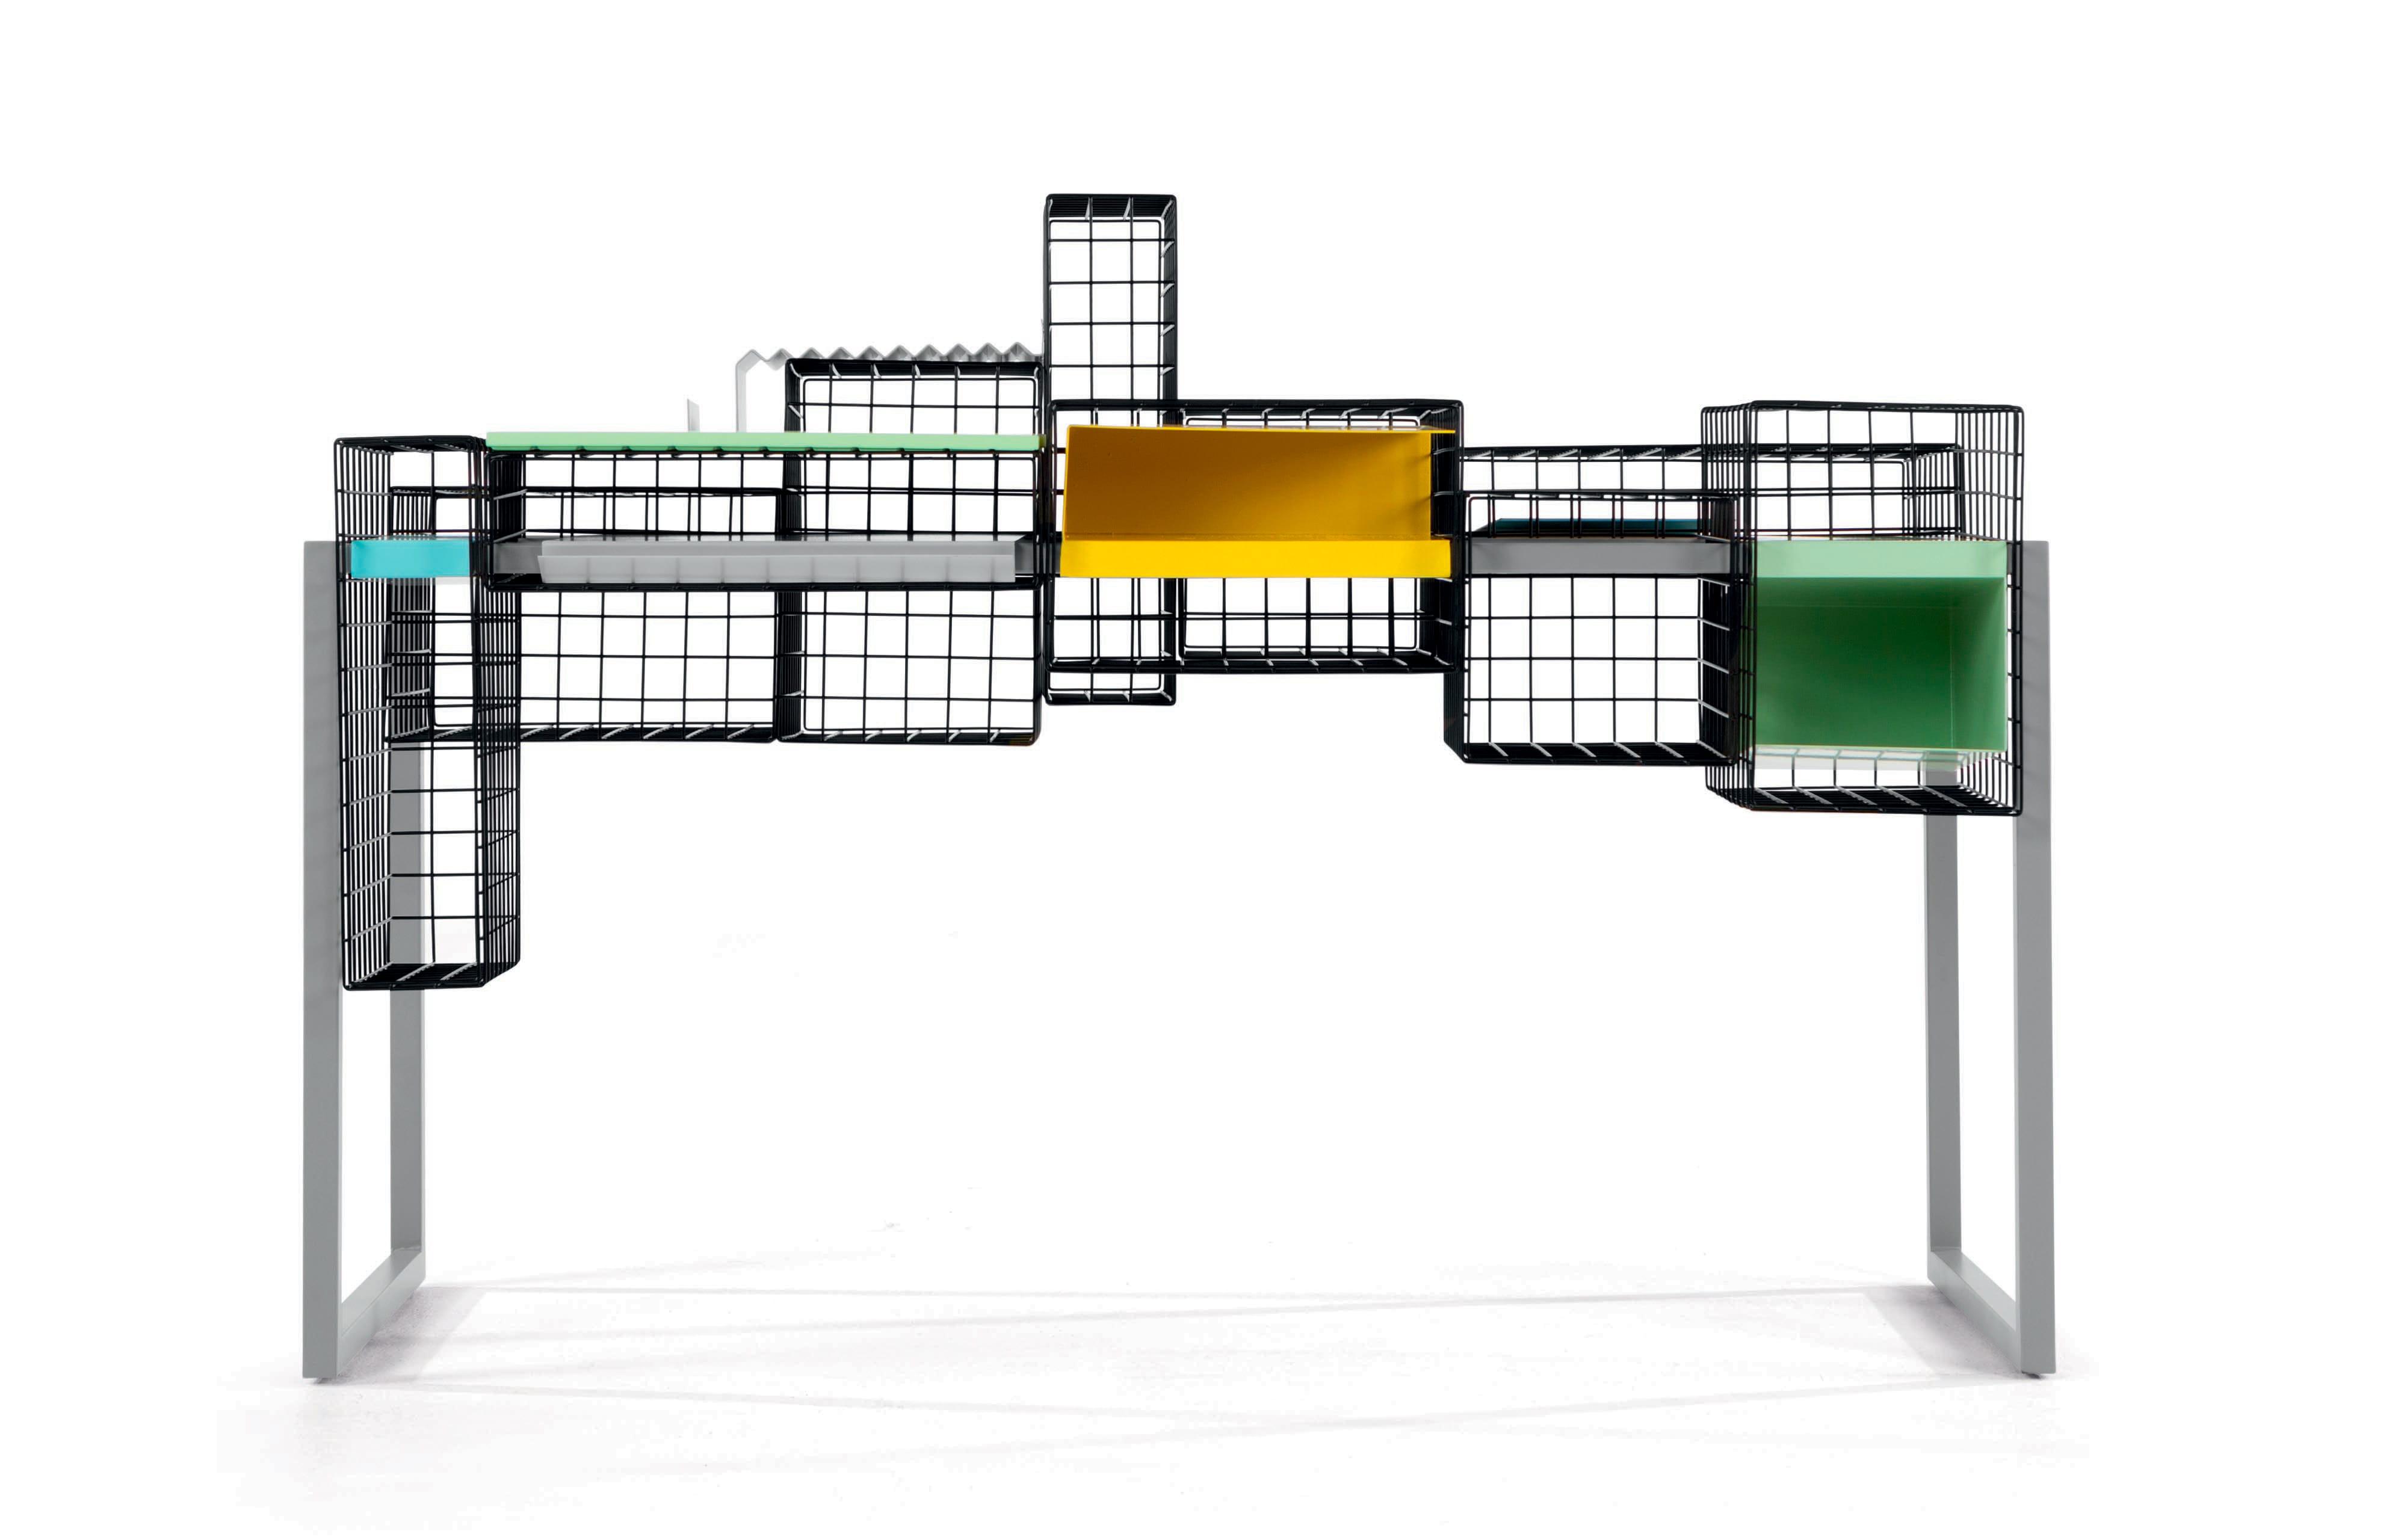 bureau grid chez 9 bureaux pour un style industriel la maison journal des femmes. Black Bedroom Furniture Sets. Home Design Ideas